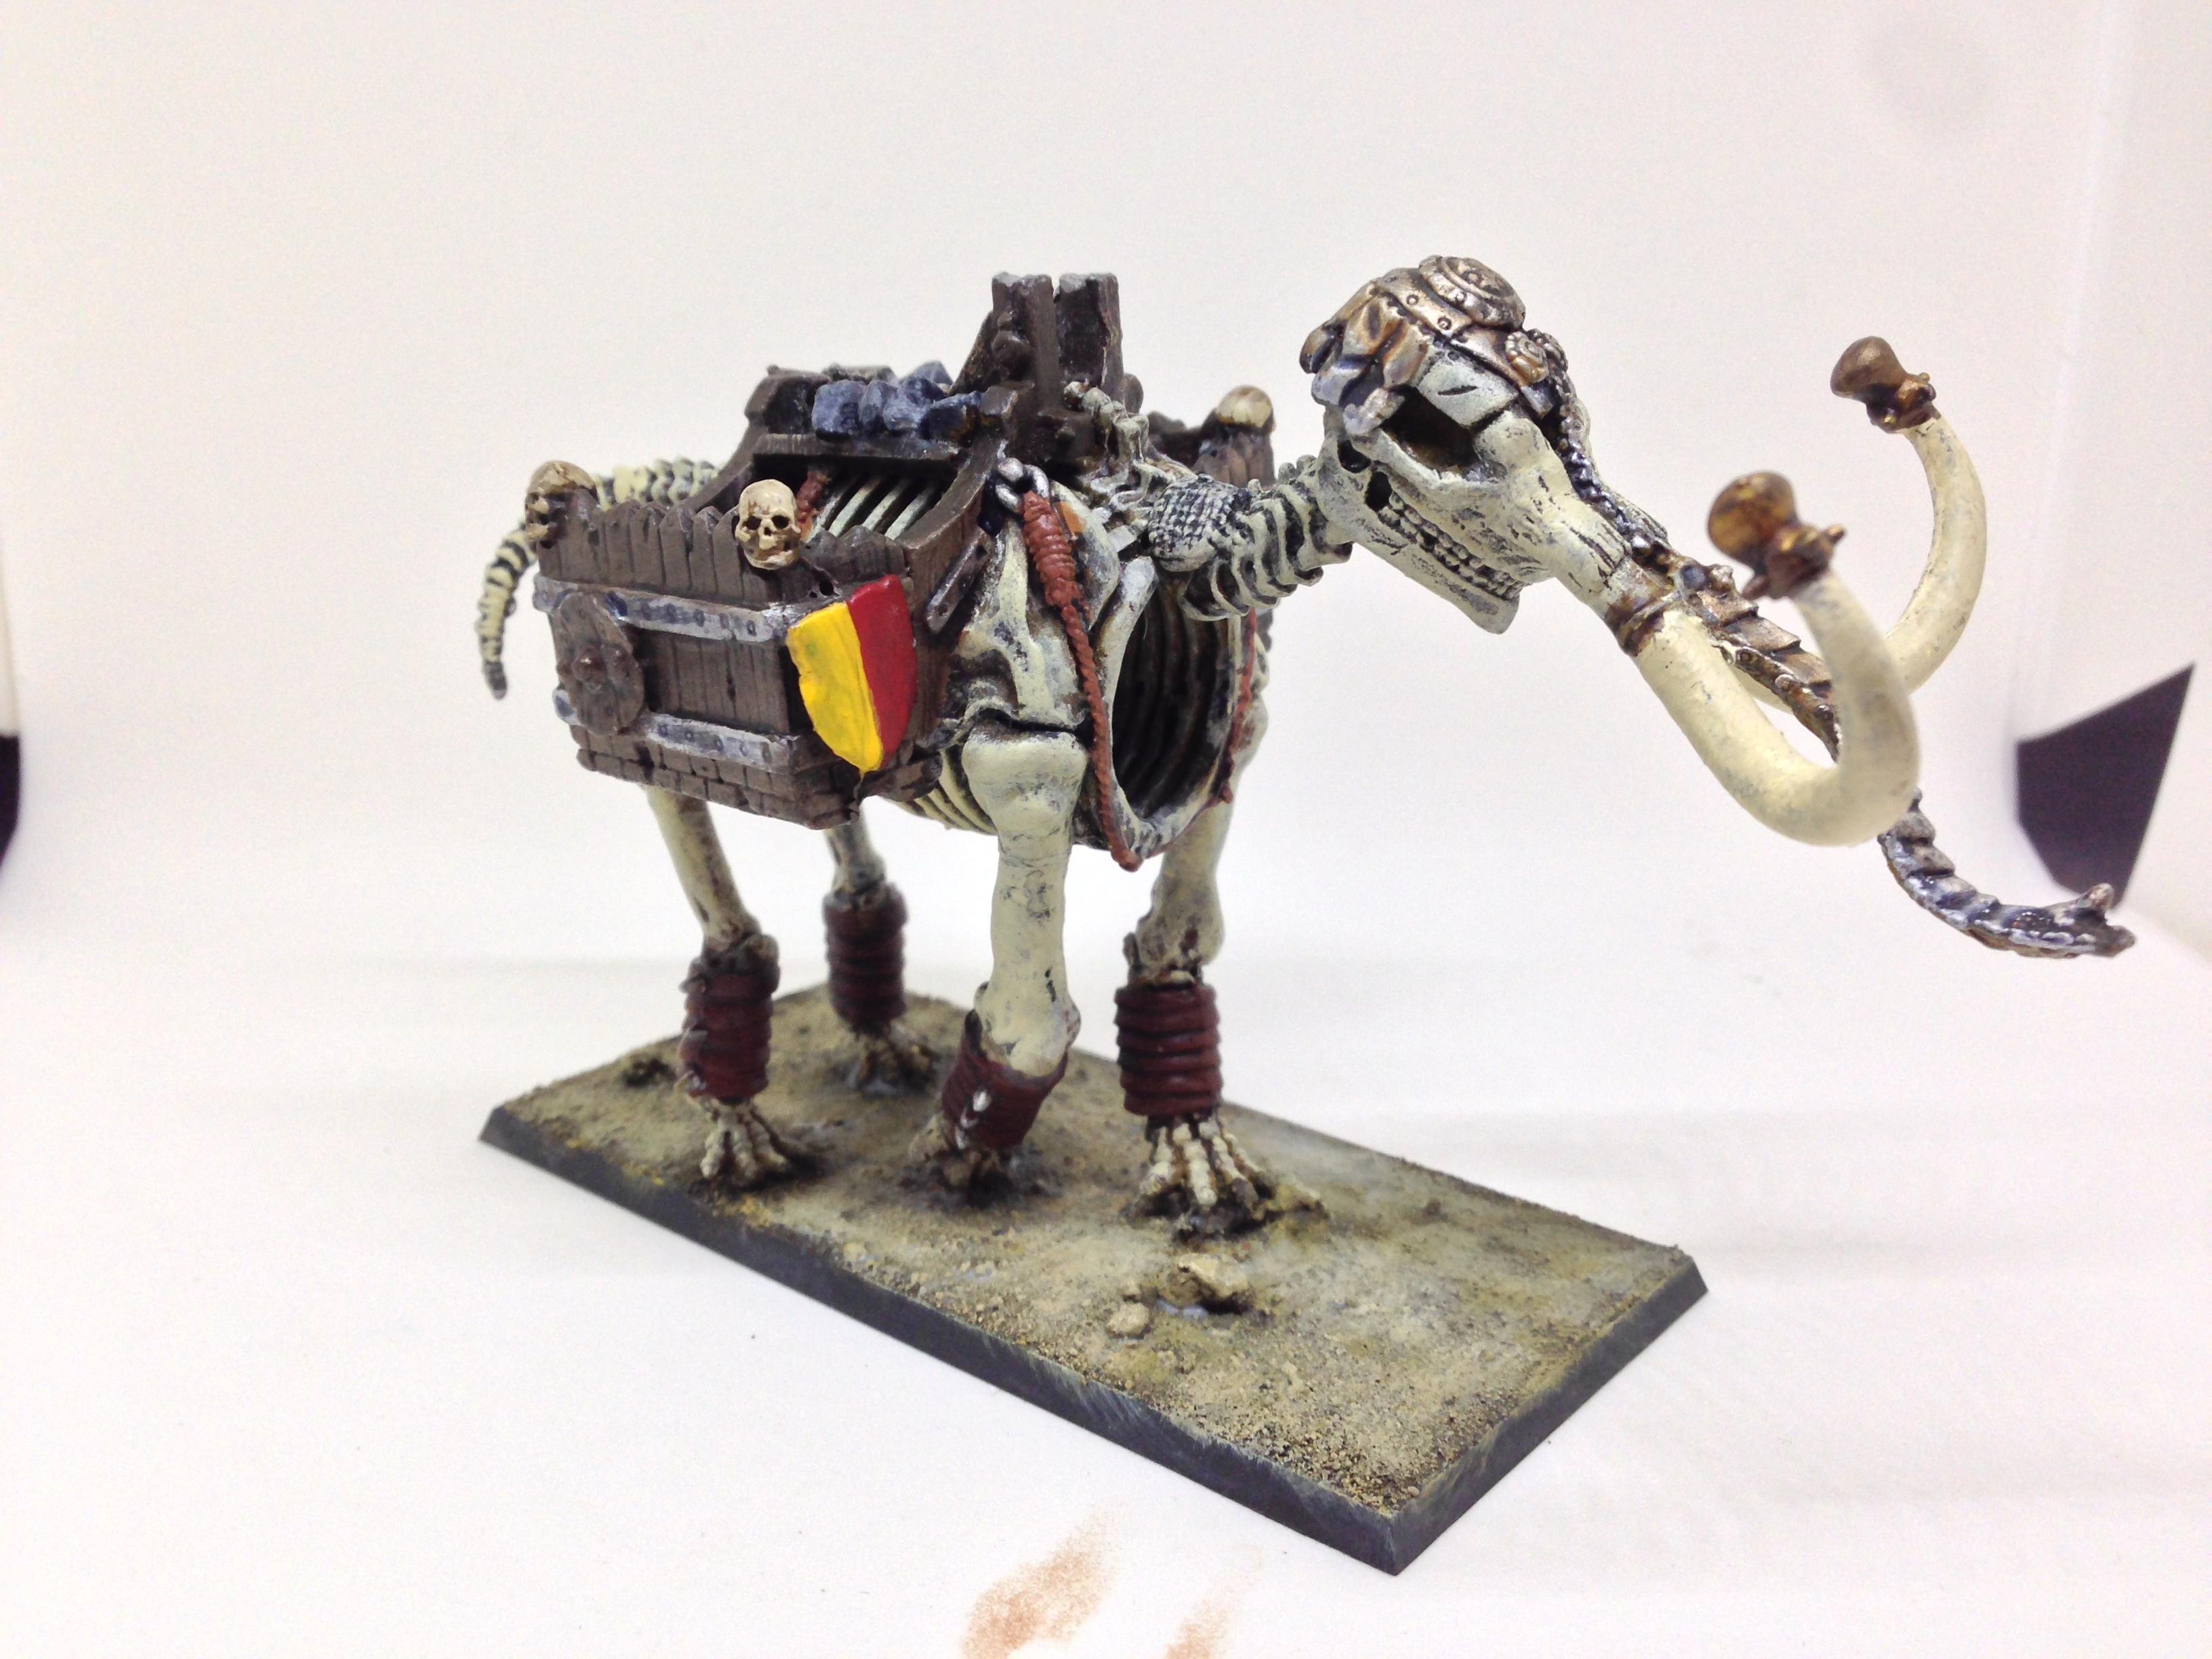 Elephant, Grenadier, Undead